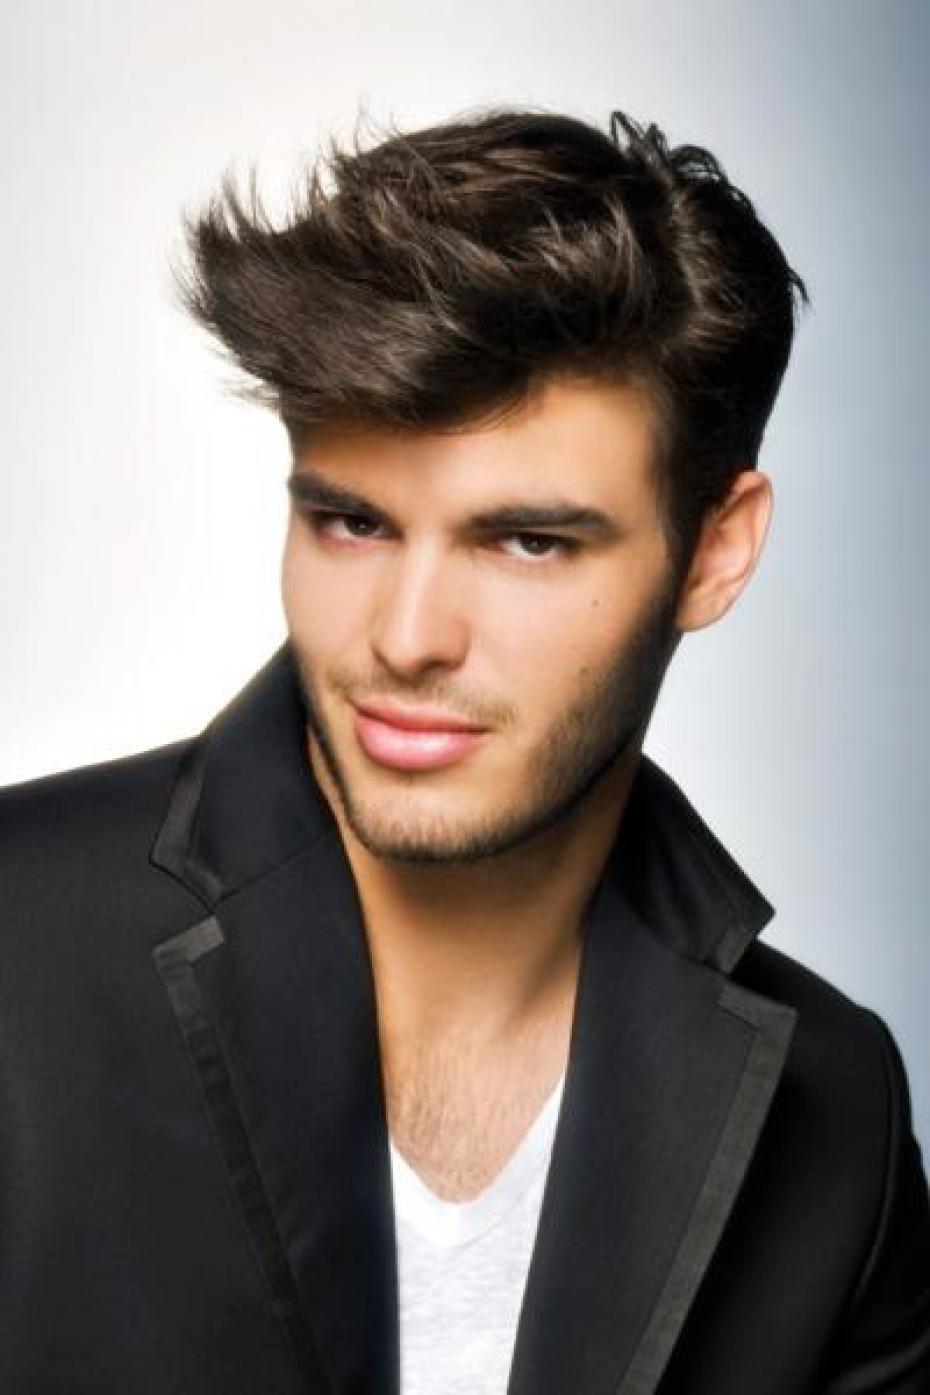 Испанские причёски для мужчин